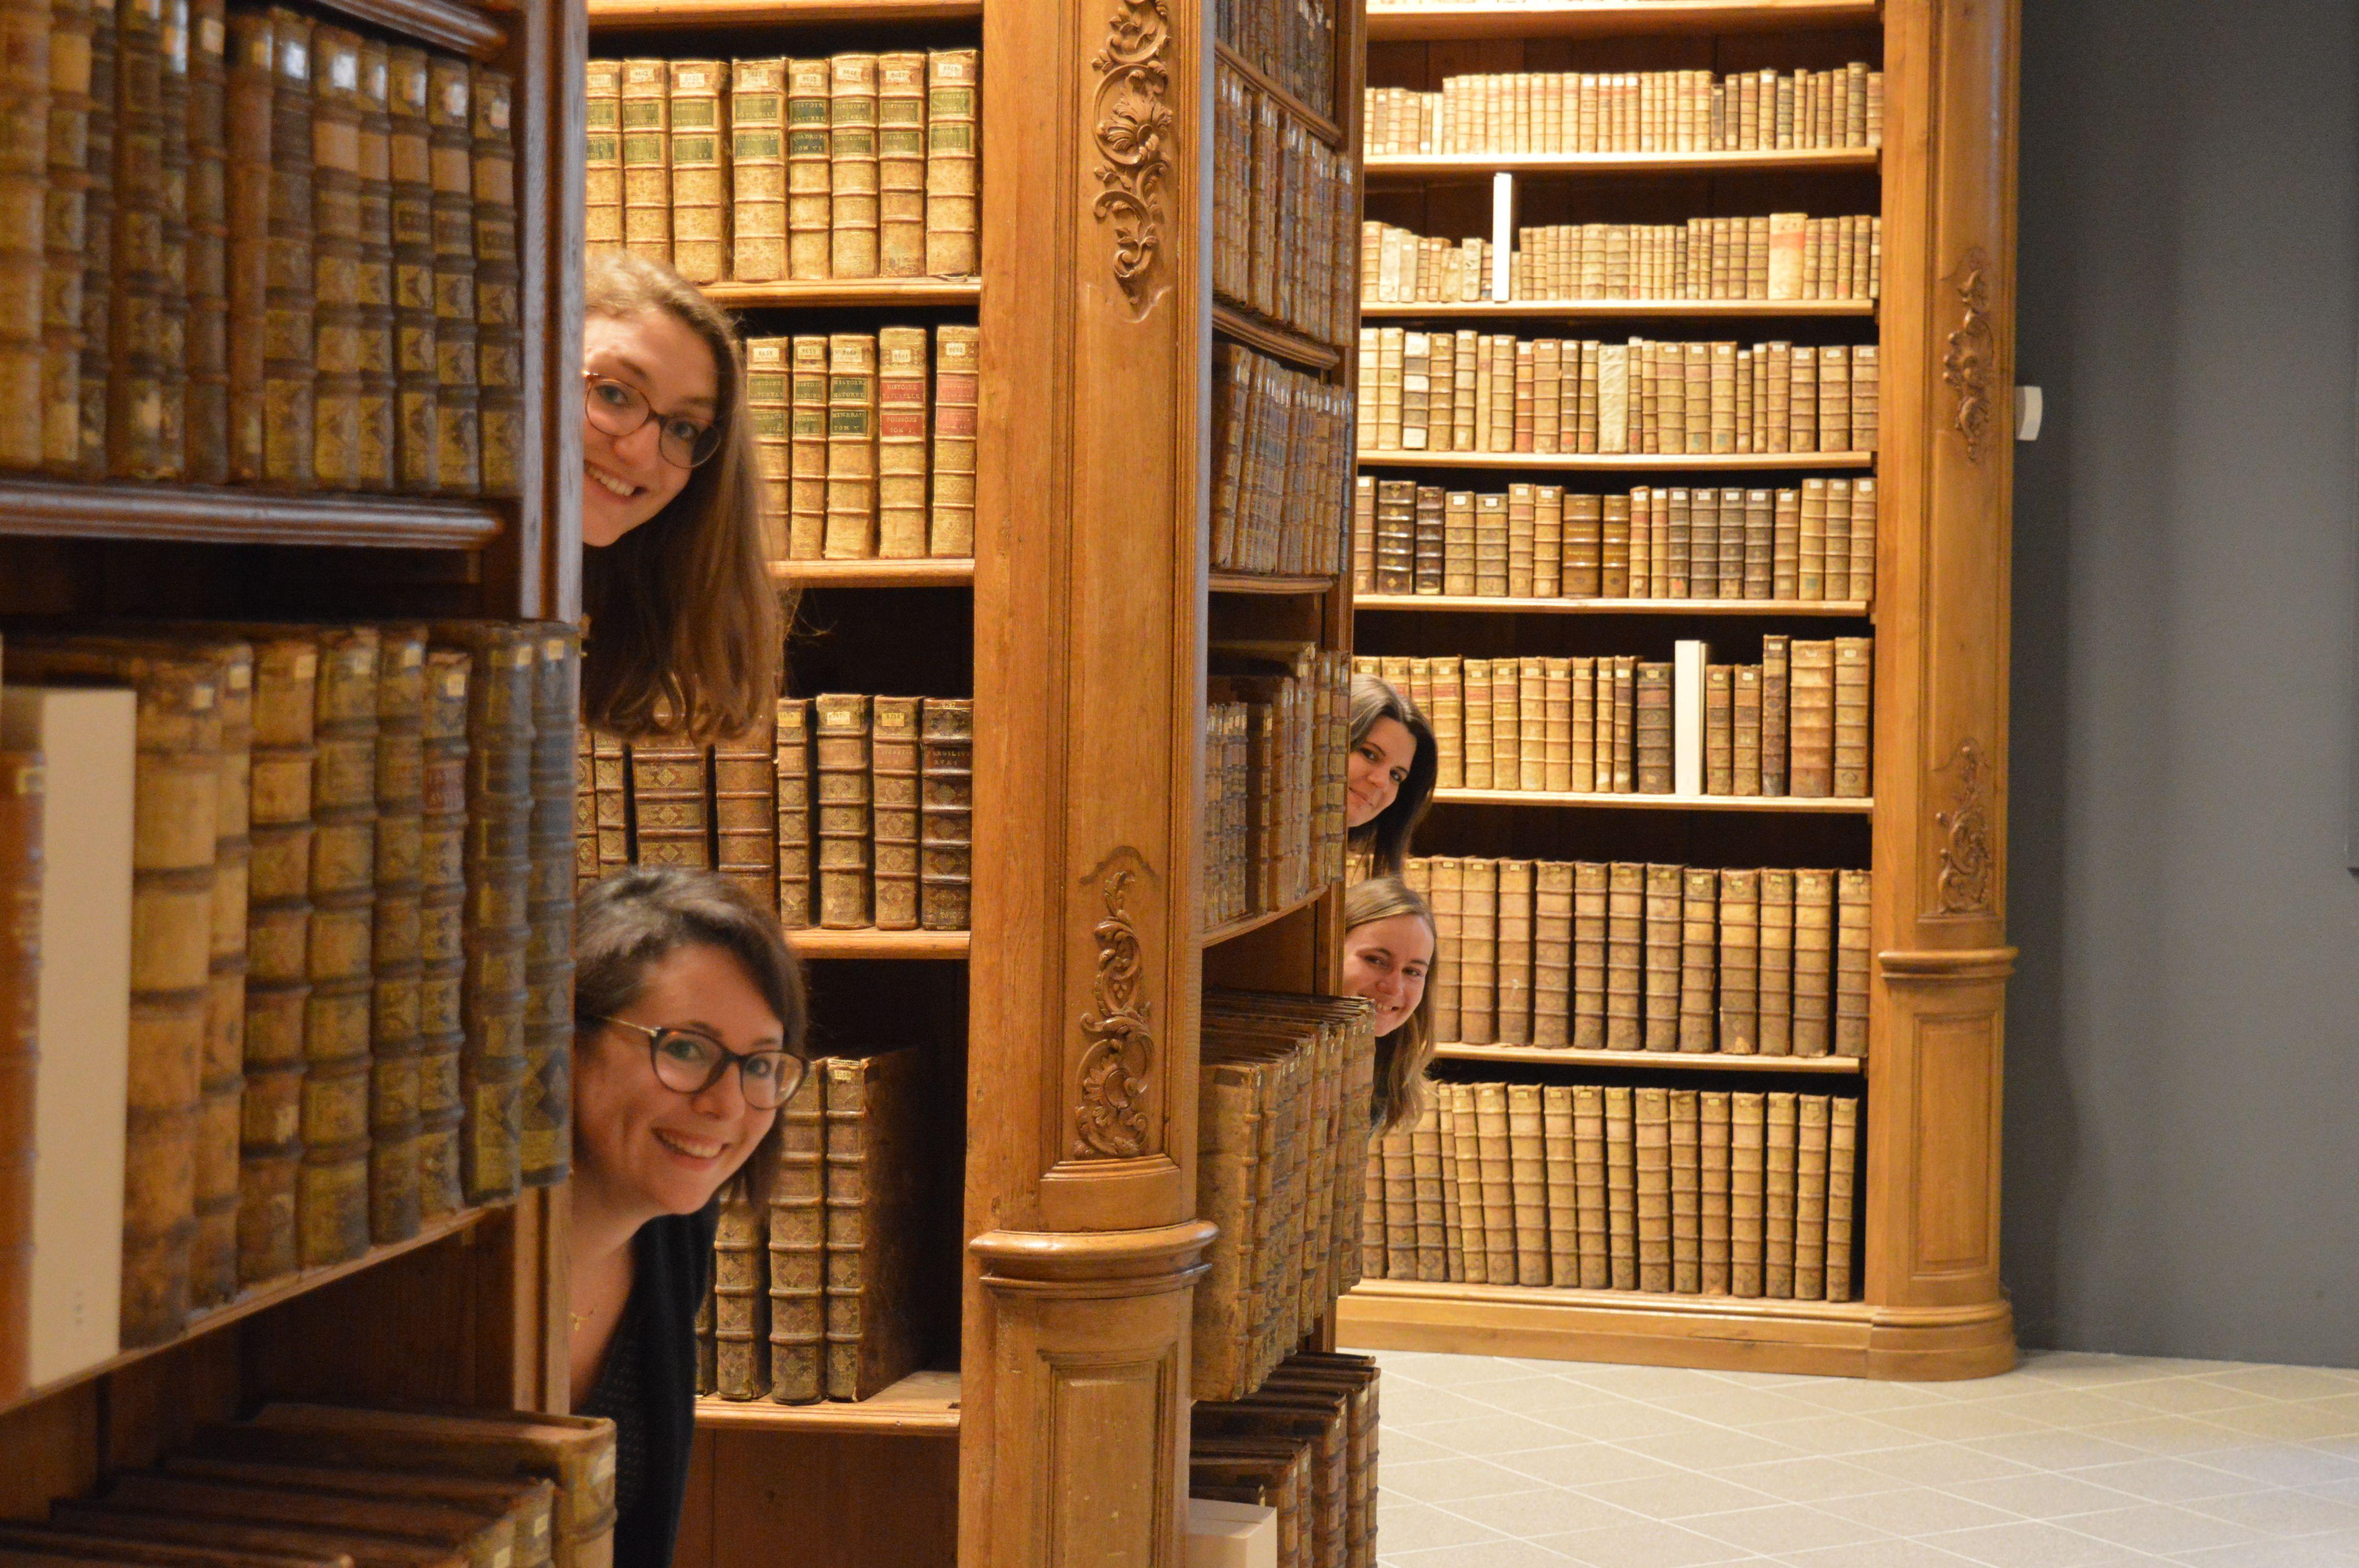 Contenu du Contributrices des Bibliothèques d'Épinal